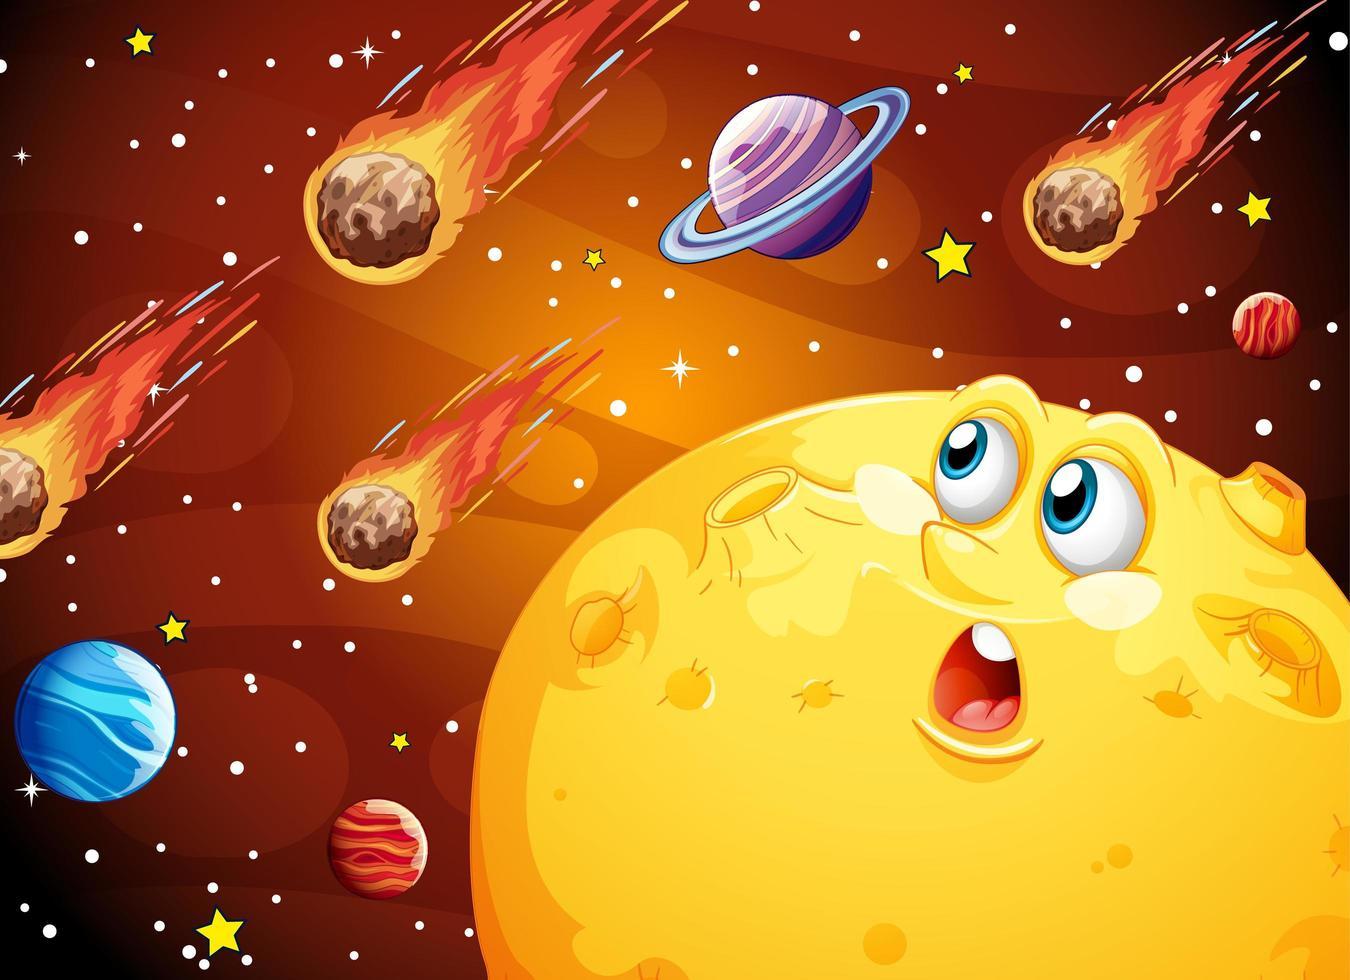 luna con cara feliz en el espacio galaxia vector